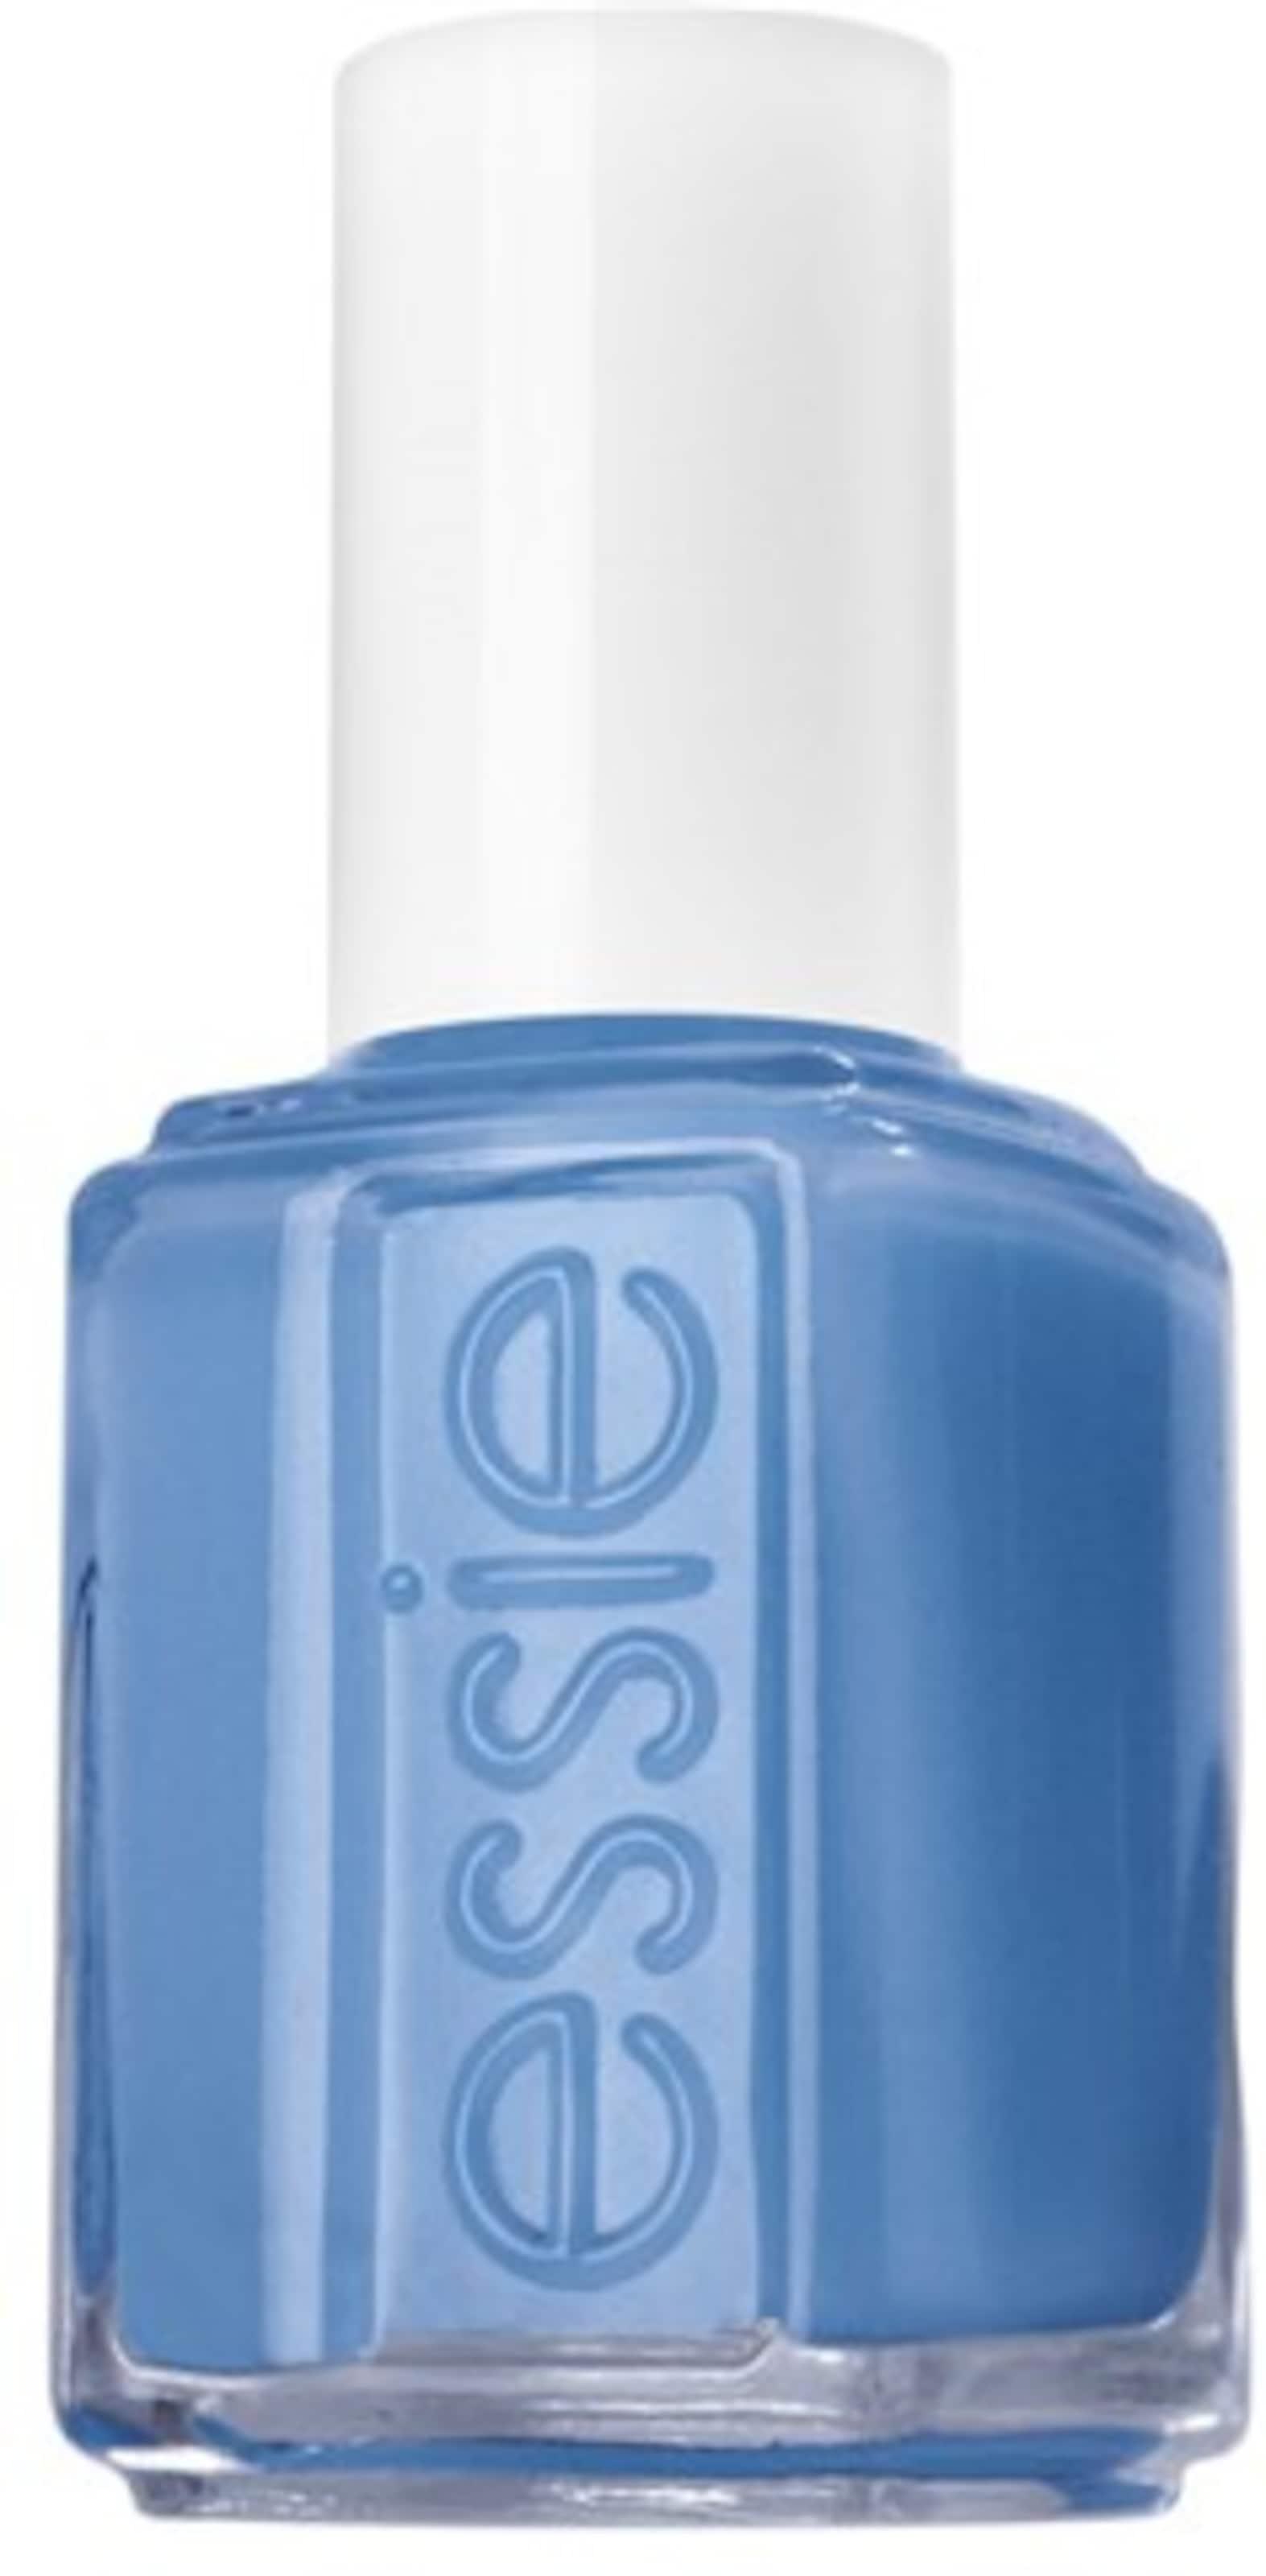 essie Nagellack 'Grün & Blau Töne' Günstig Kaufen Breite Palette Von Günstig Kaufen Exklusiv 0F6zS55PSo